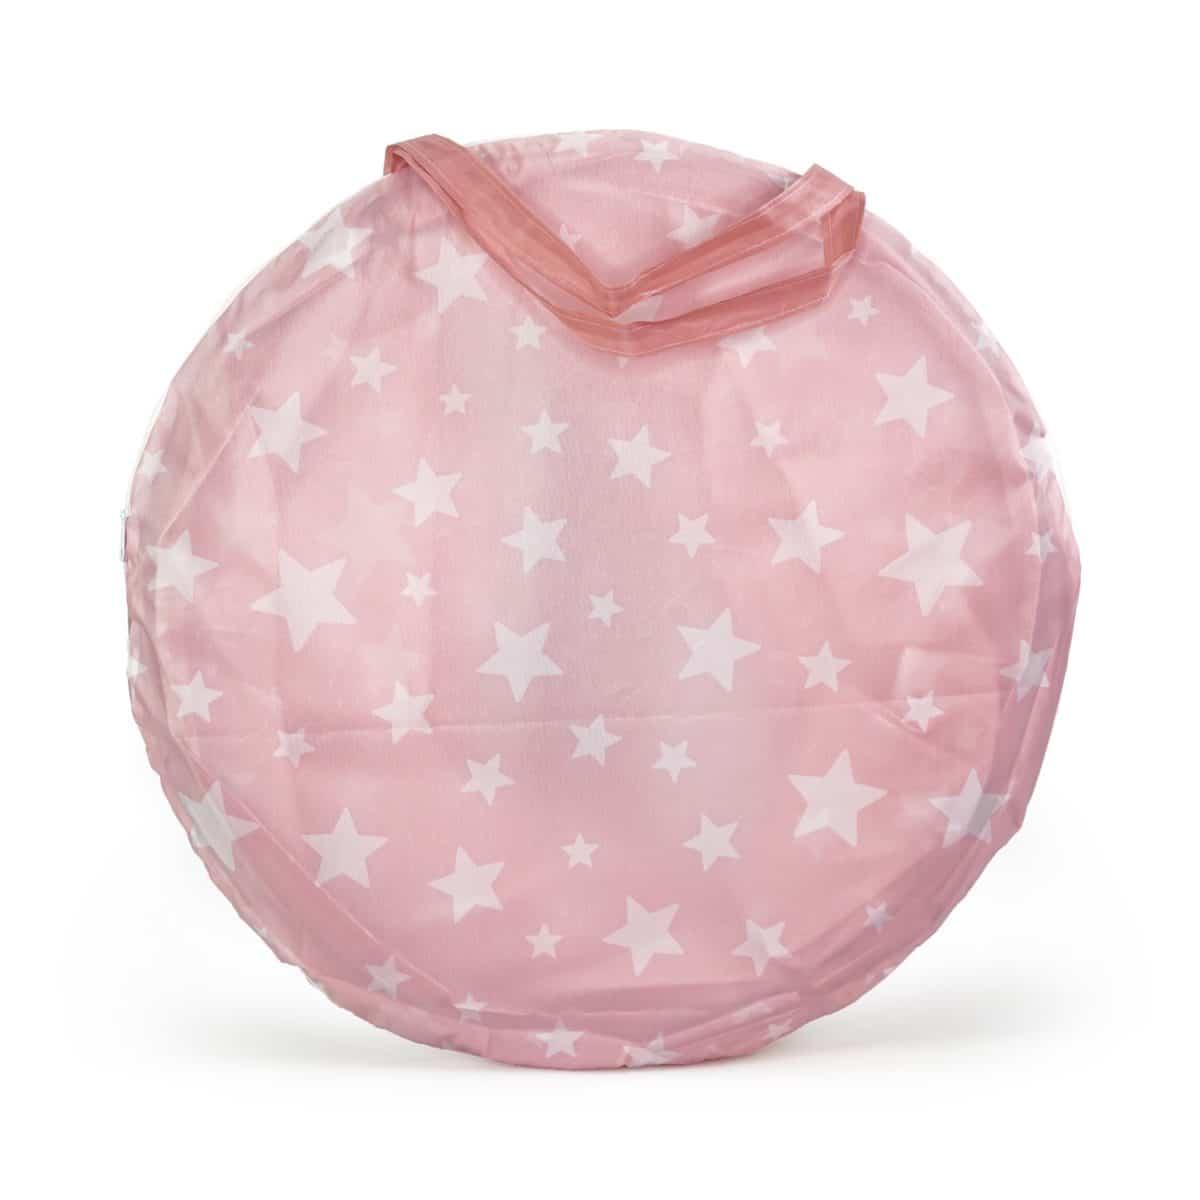 Spieltunnel Star rosa